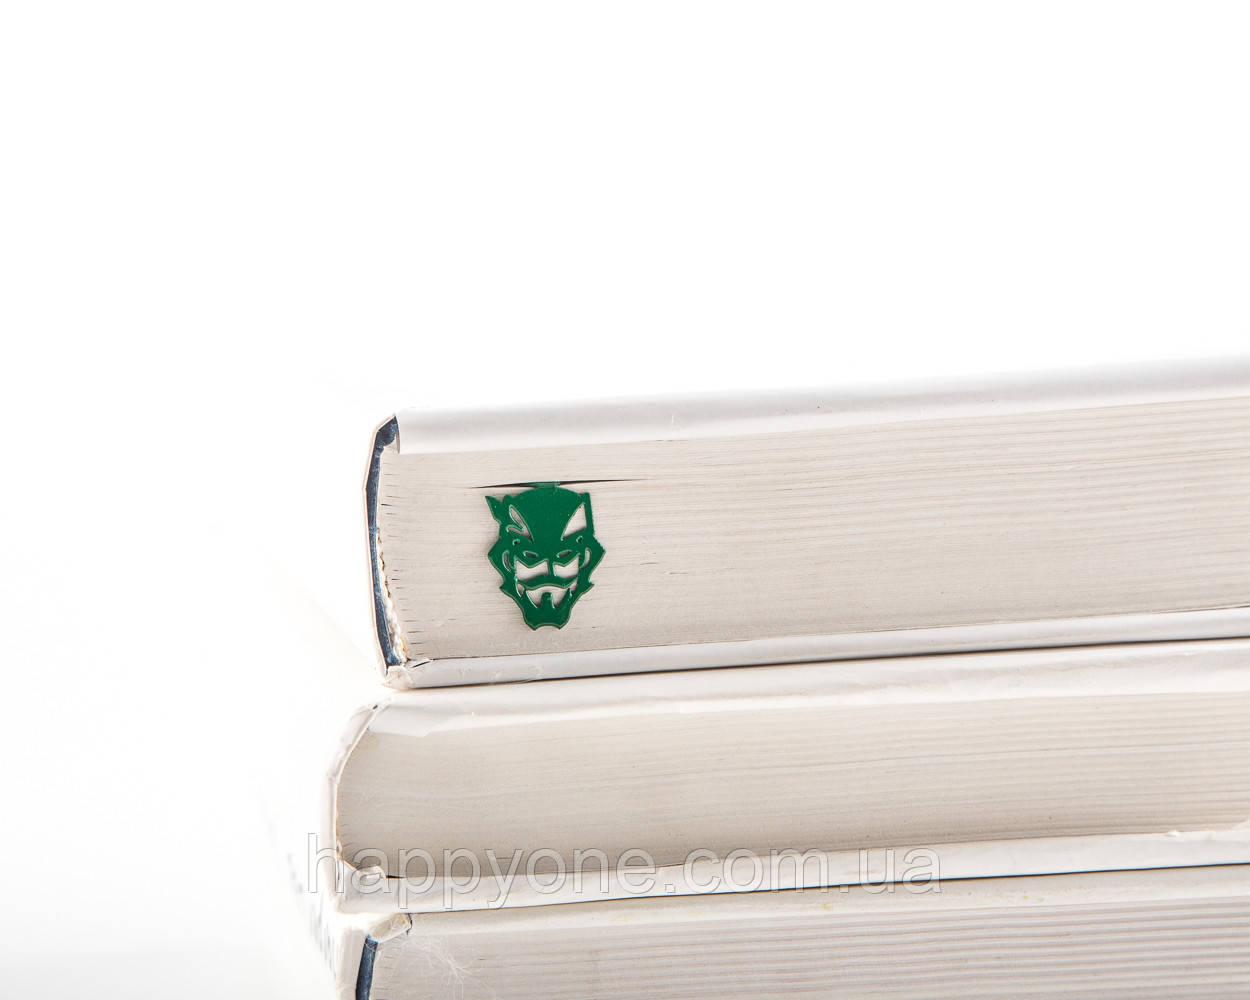 Закладка для книг Зелёная стрела